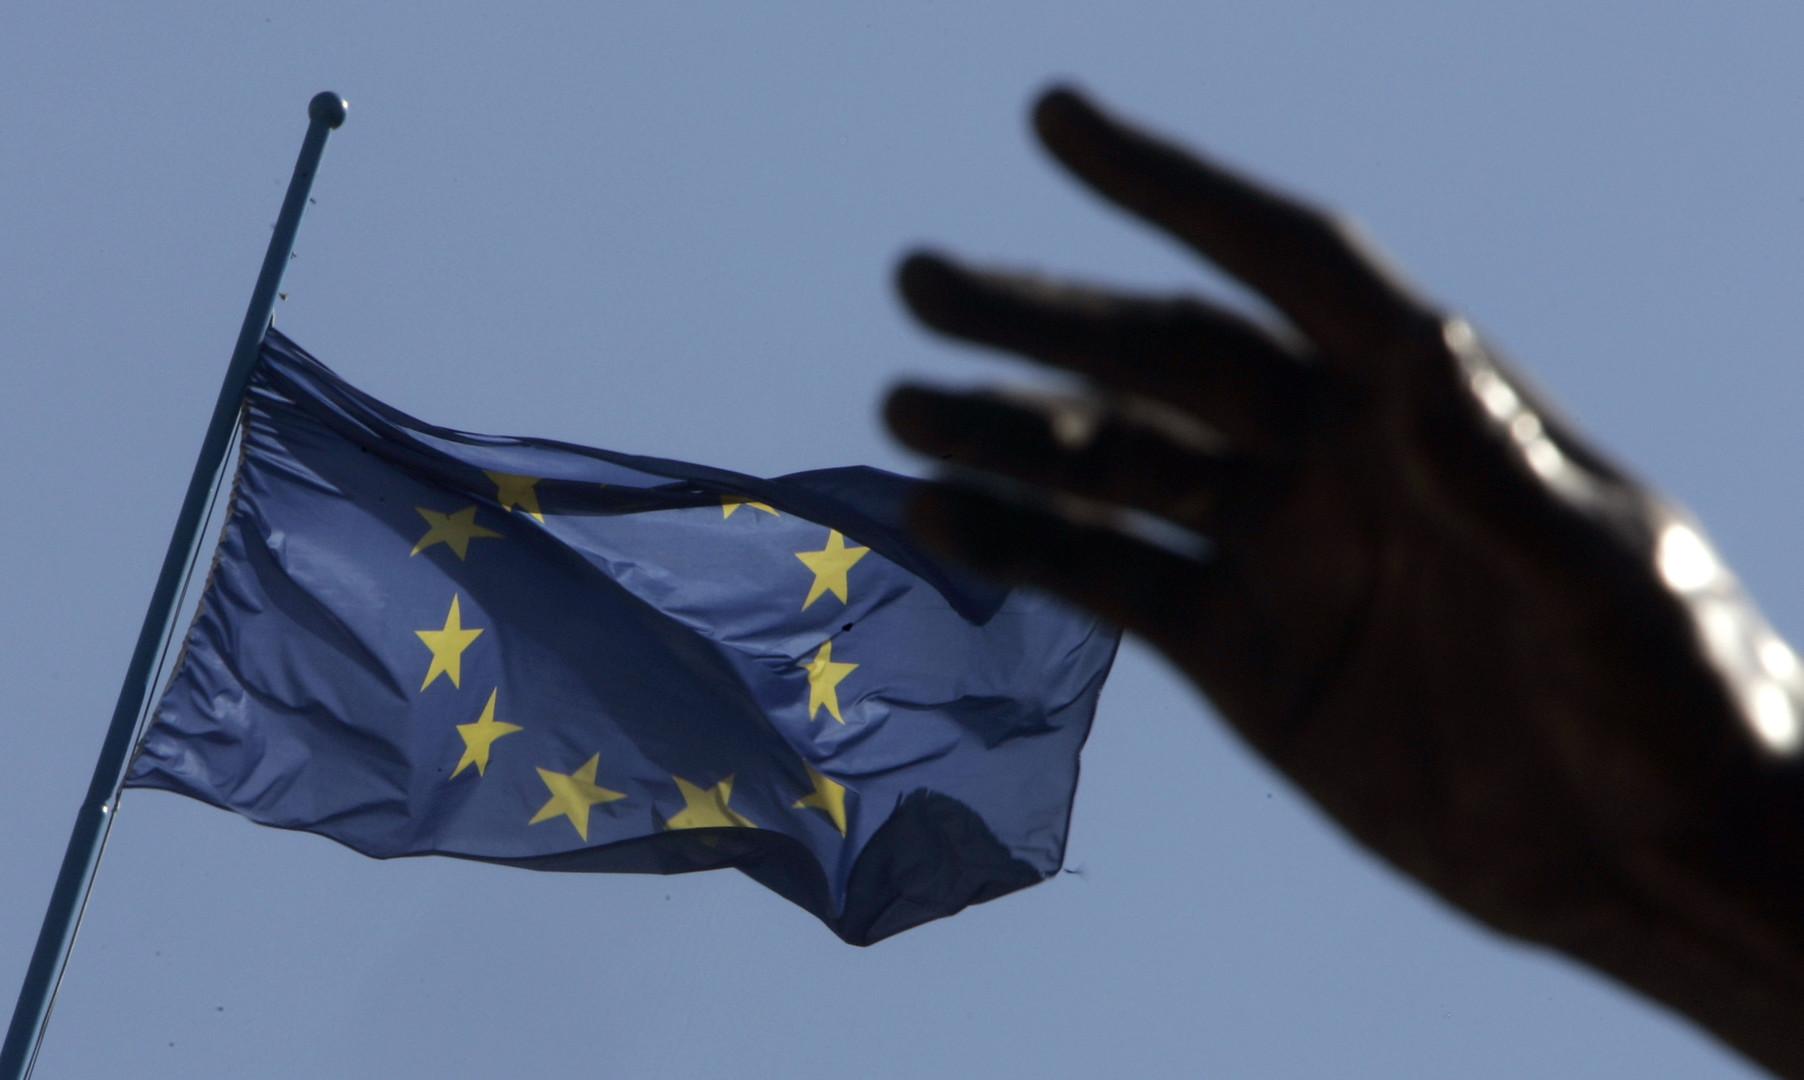 Поправка: требования Рима могут затормозить процесс продления санкций